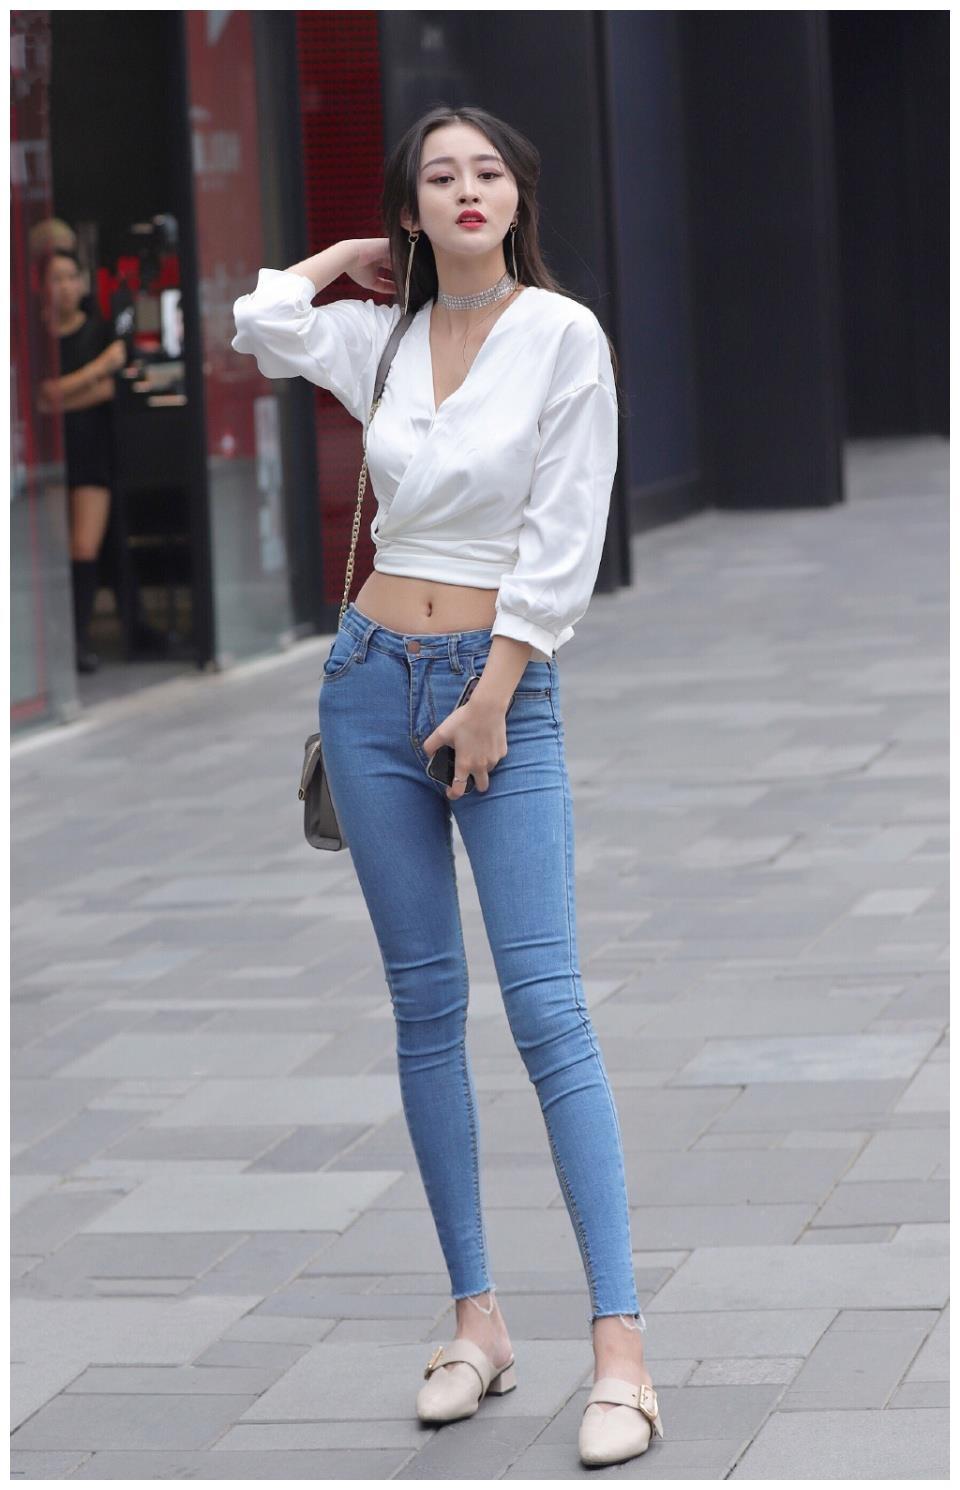 美女穿搭:选择百搭牛仔裤,轻松打造时尚休闲风,时髦靓丽